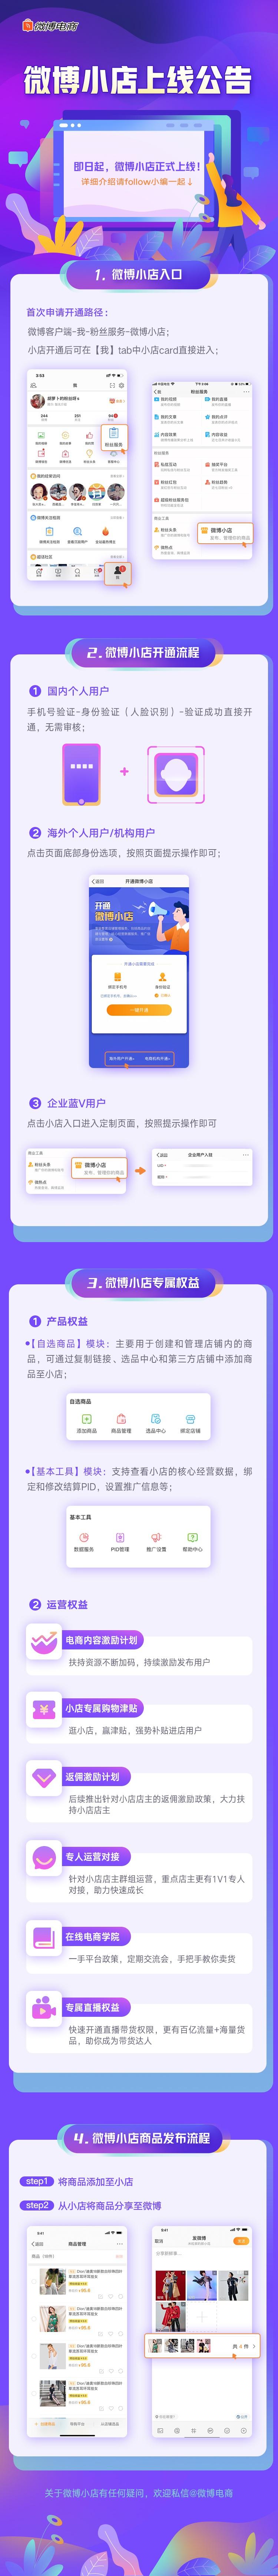 http://www.shangoudaohang.com/kuaixun/311717.html